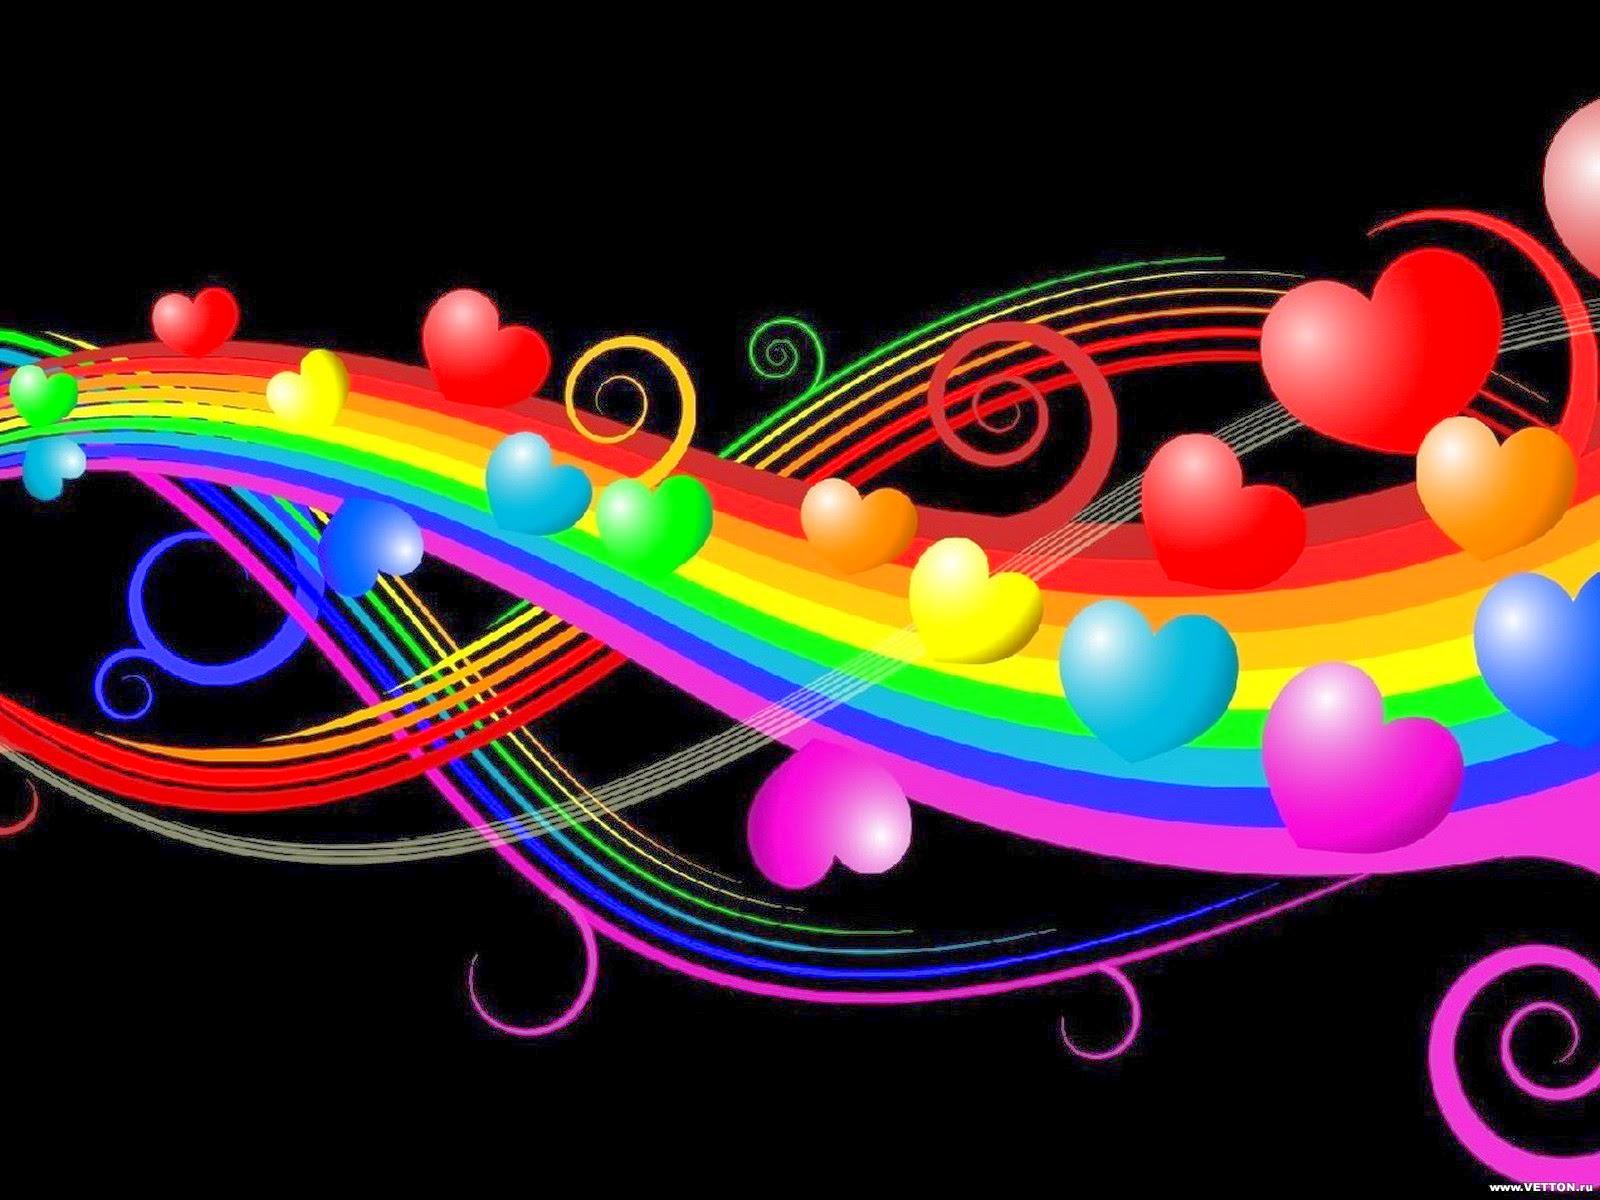 Love Colorful Desktop Wallpapers HD Wallpaper